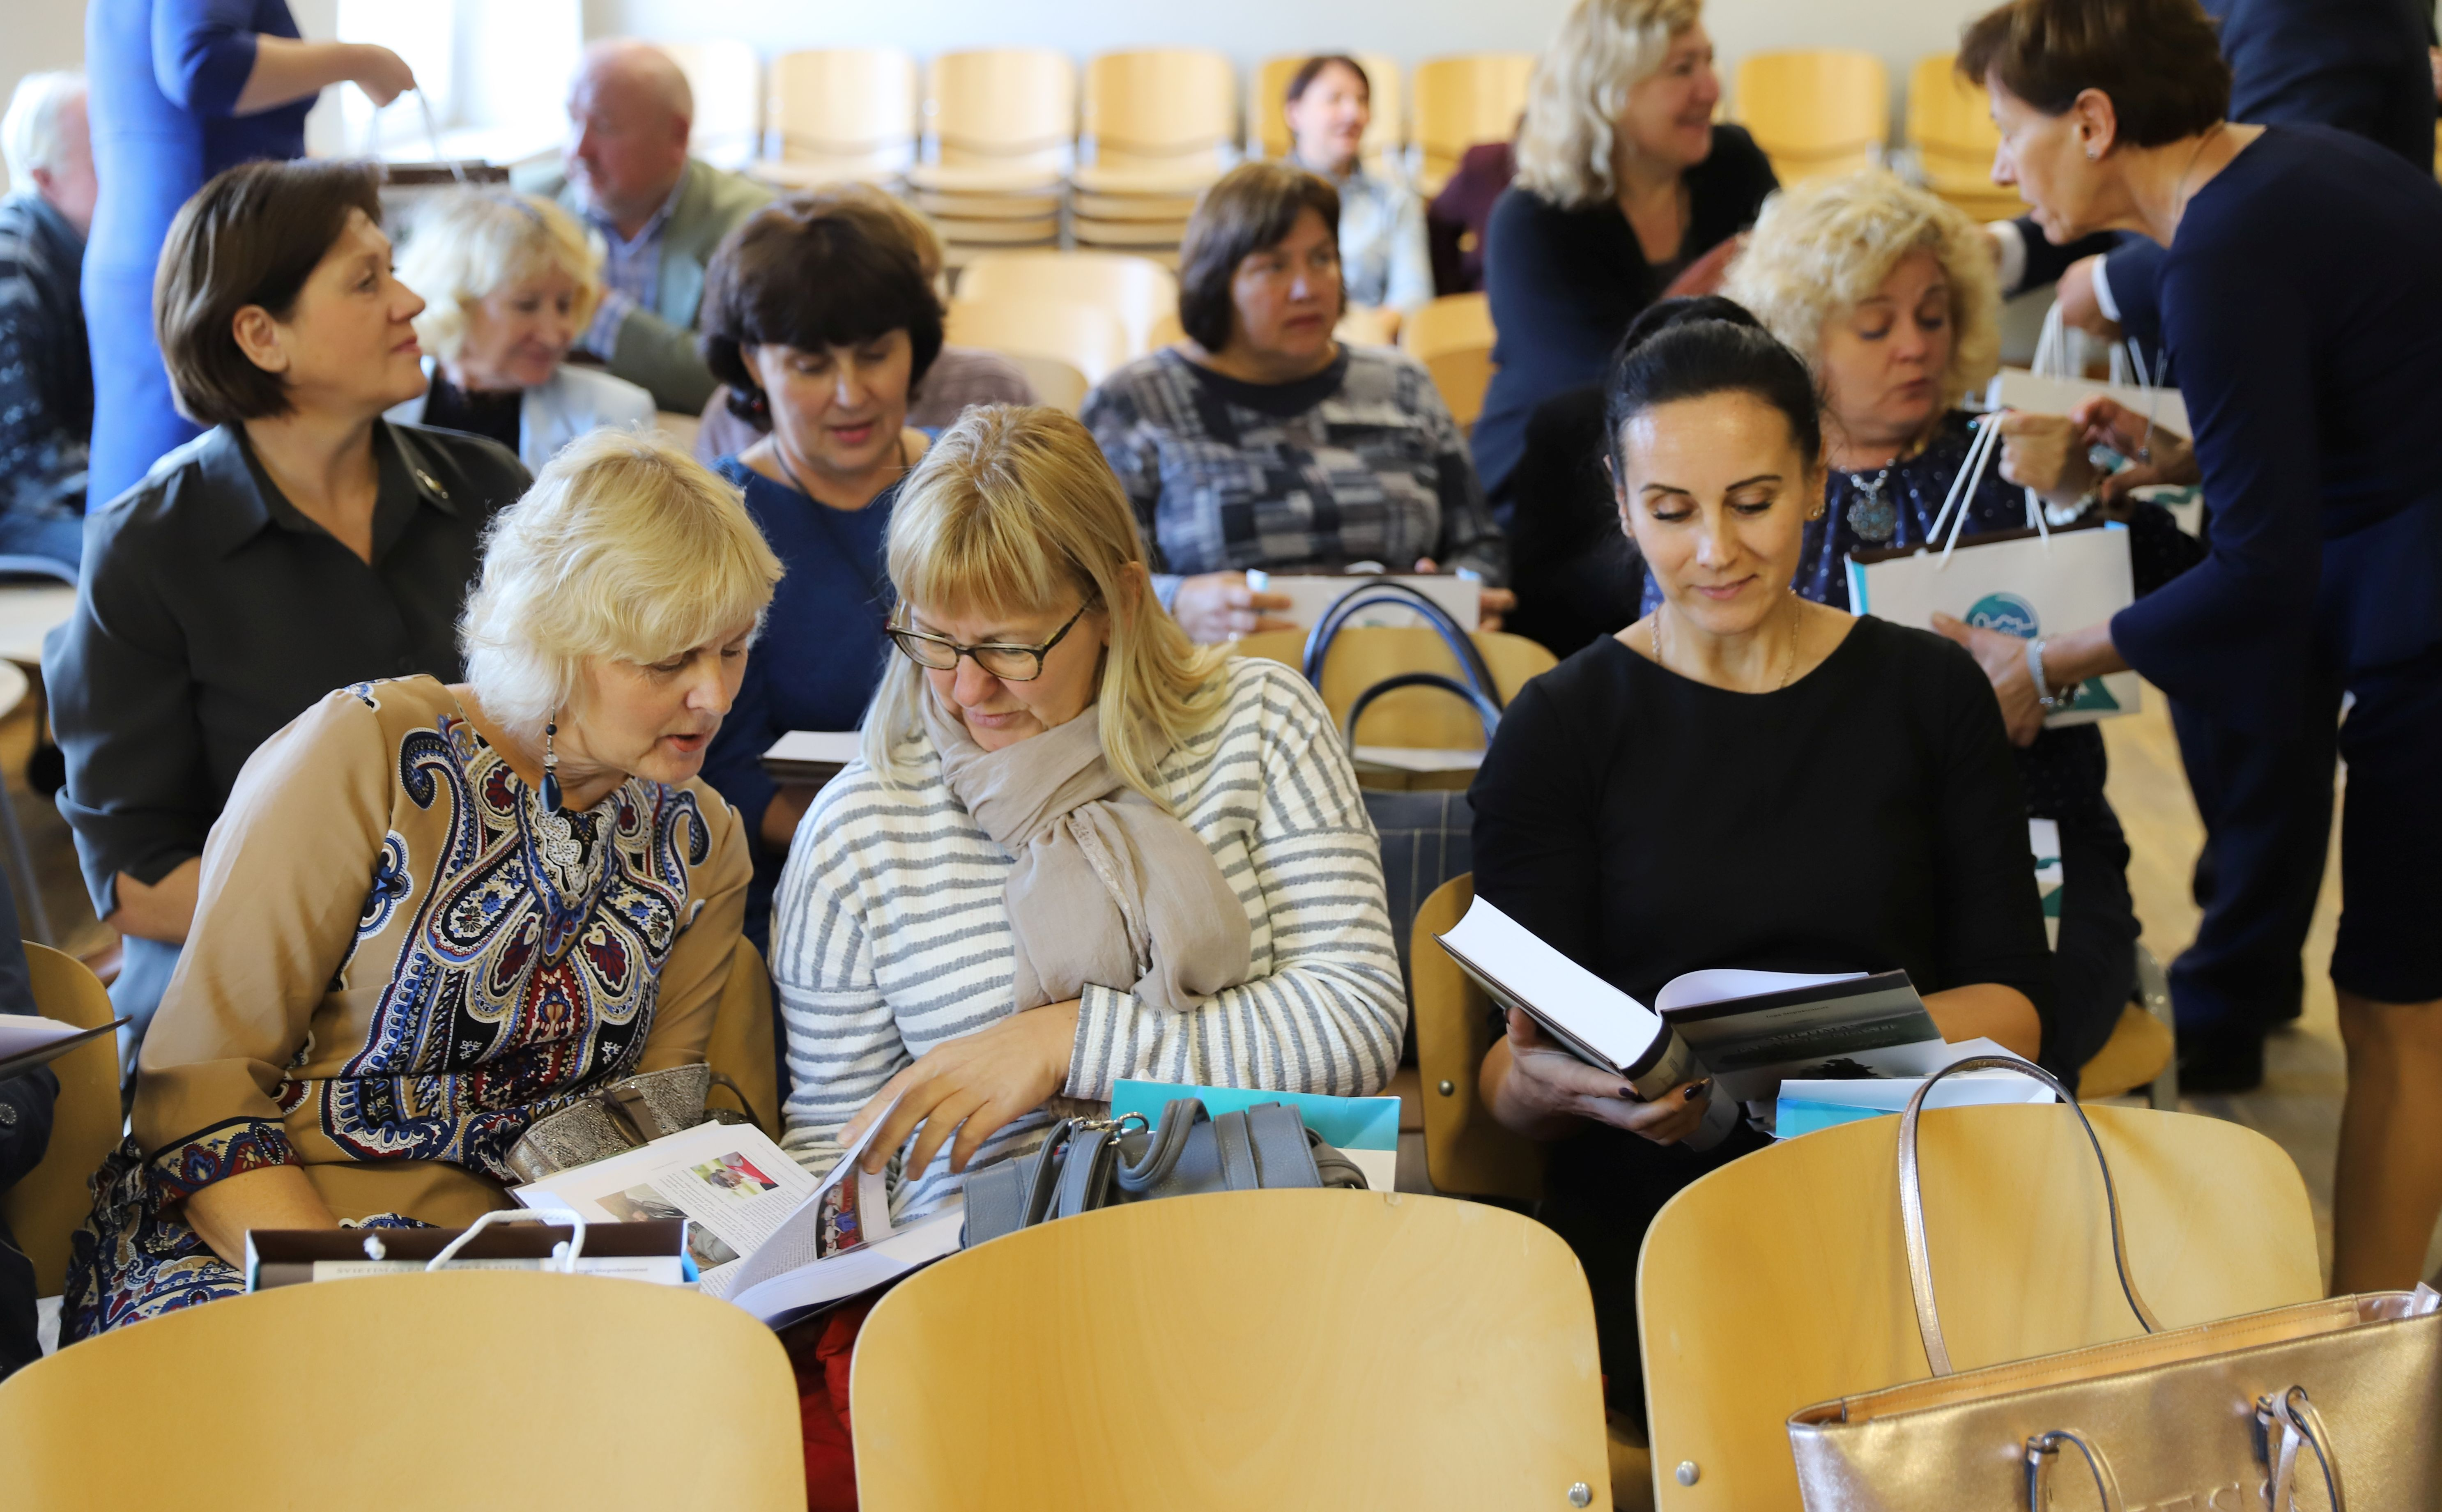 Knyga apie švietimą Pakaunės krašte keliauja į mokyklas | Kauno rajono savivaldybės nuotr.